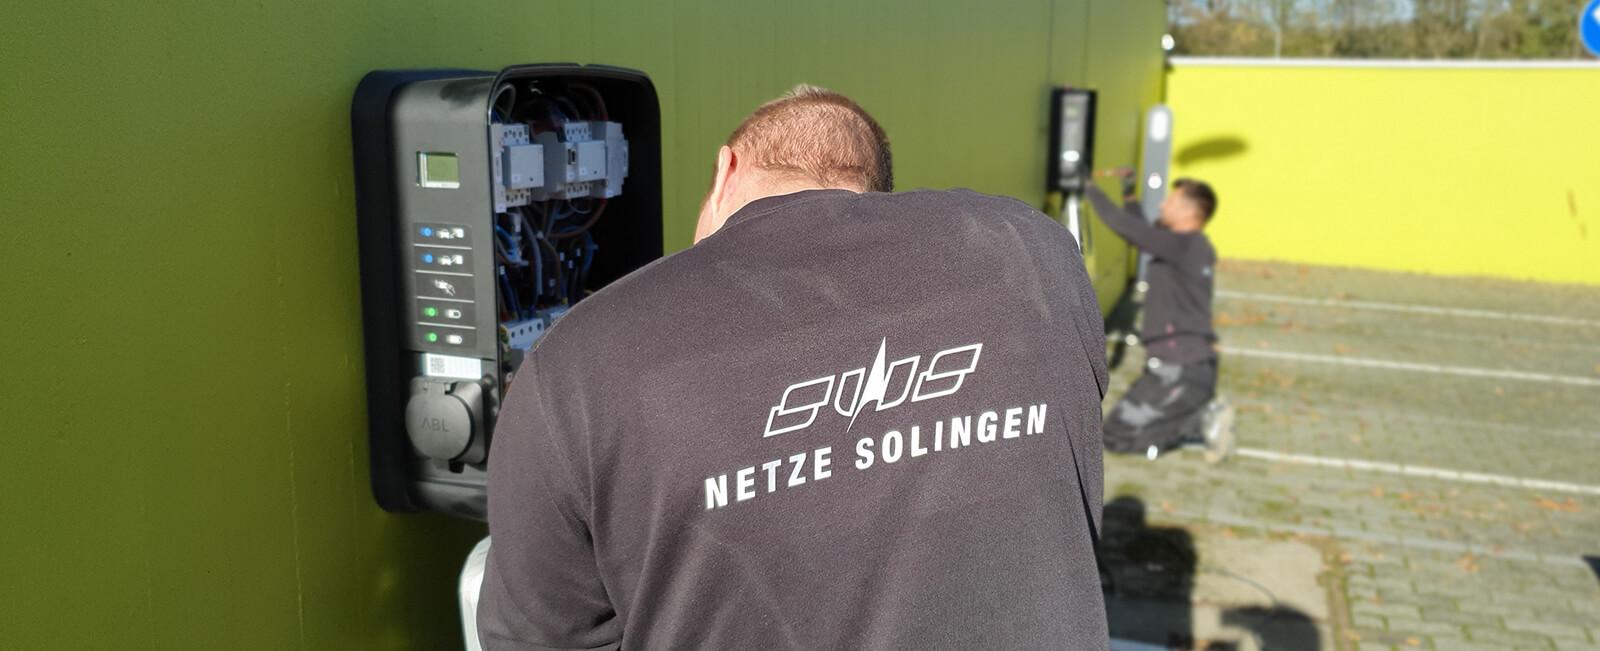 Mitarbeiter Wallboxen Installation Stadtwerke Solingen